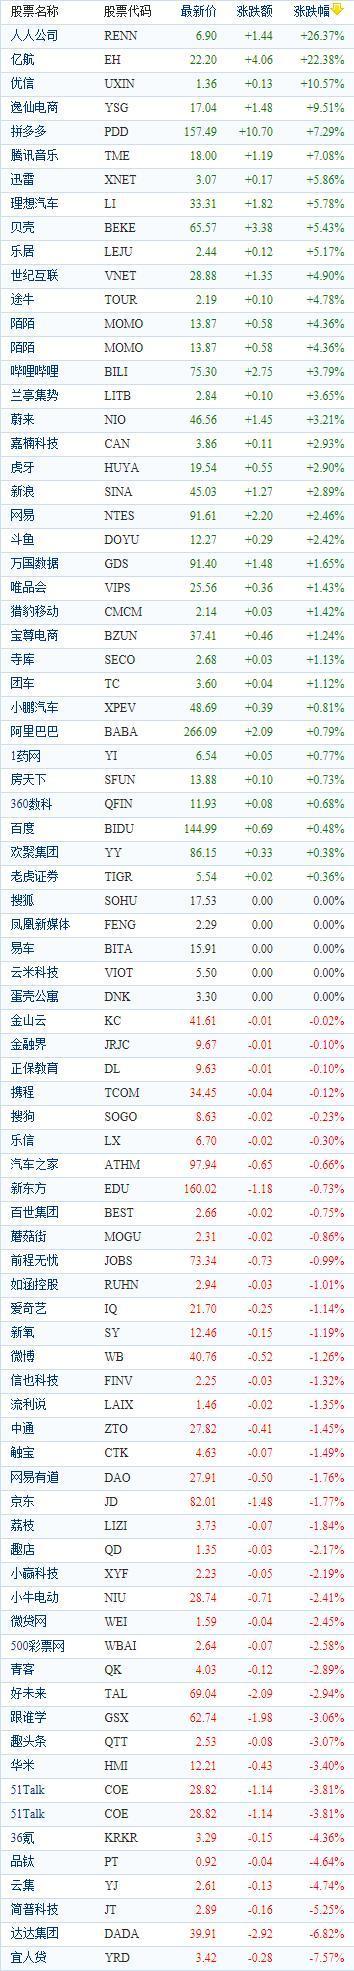 中国概念股周二收盘涨跌互现 亿航(EH)大涨22.38%